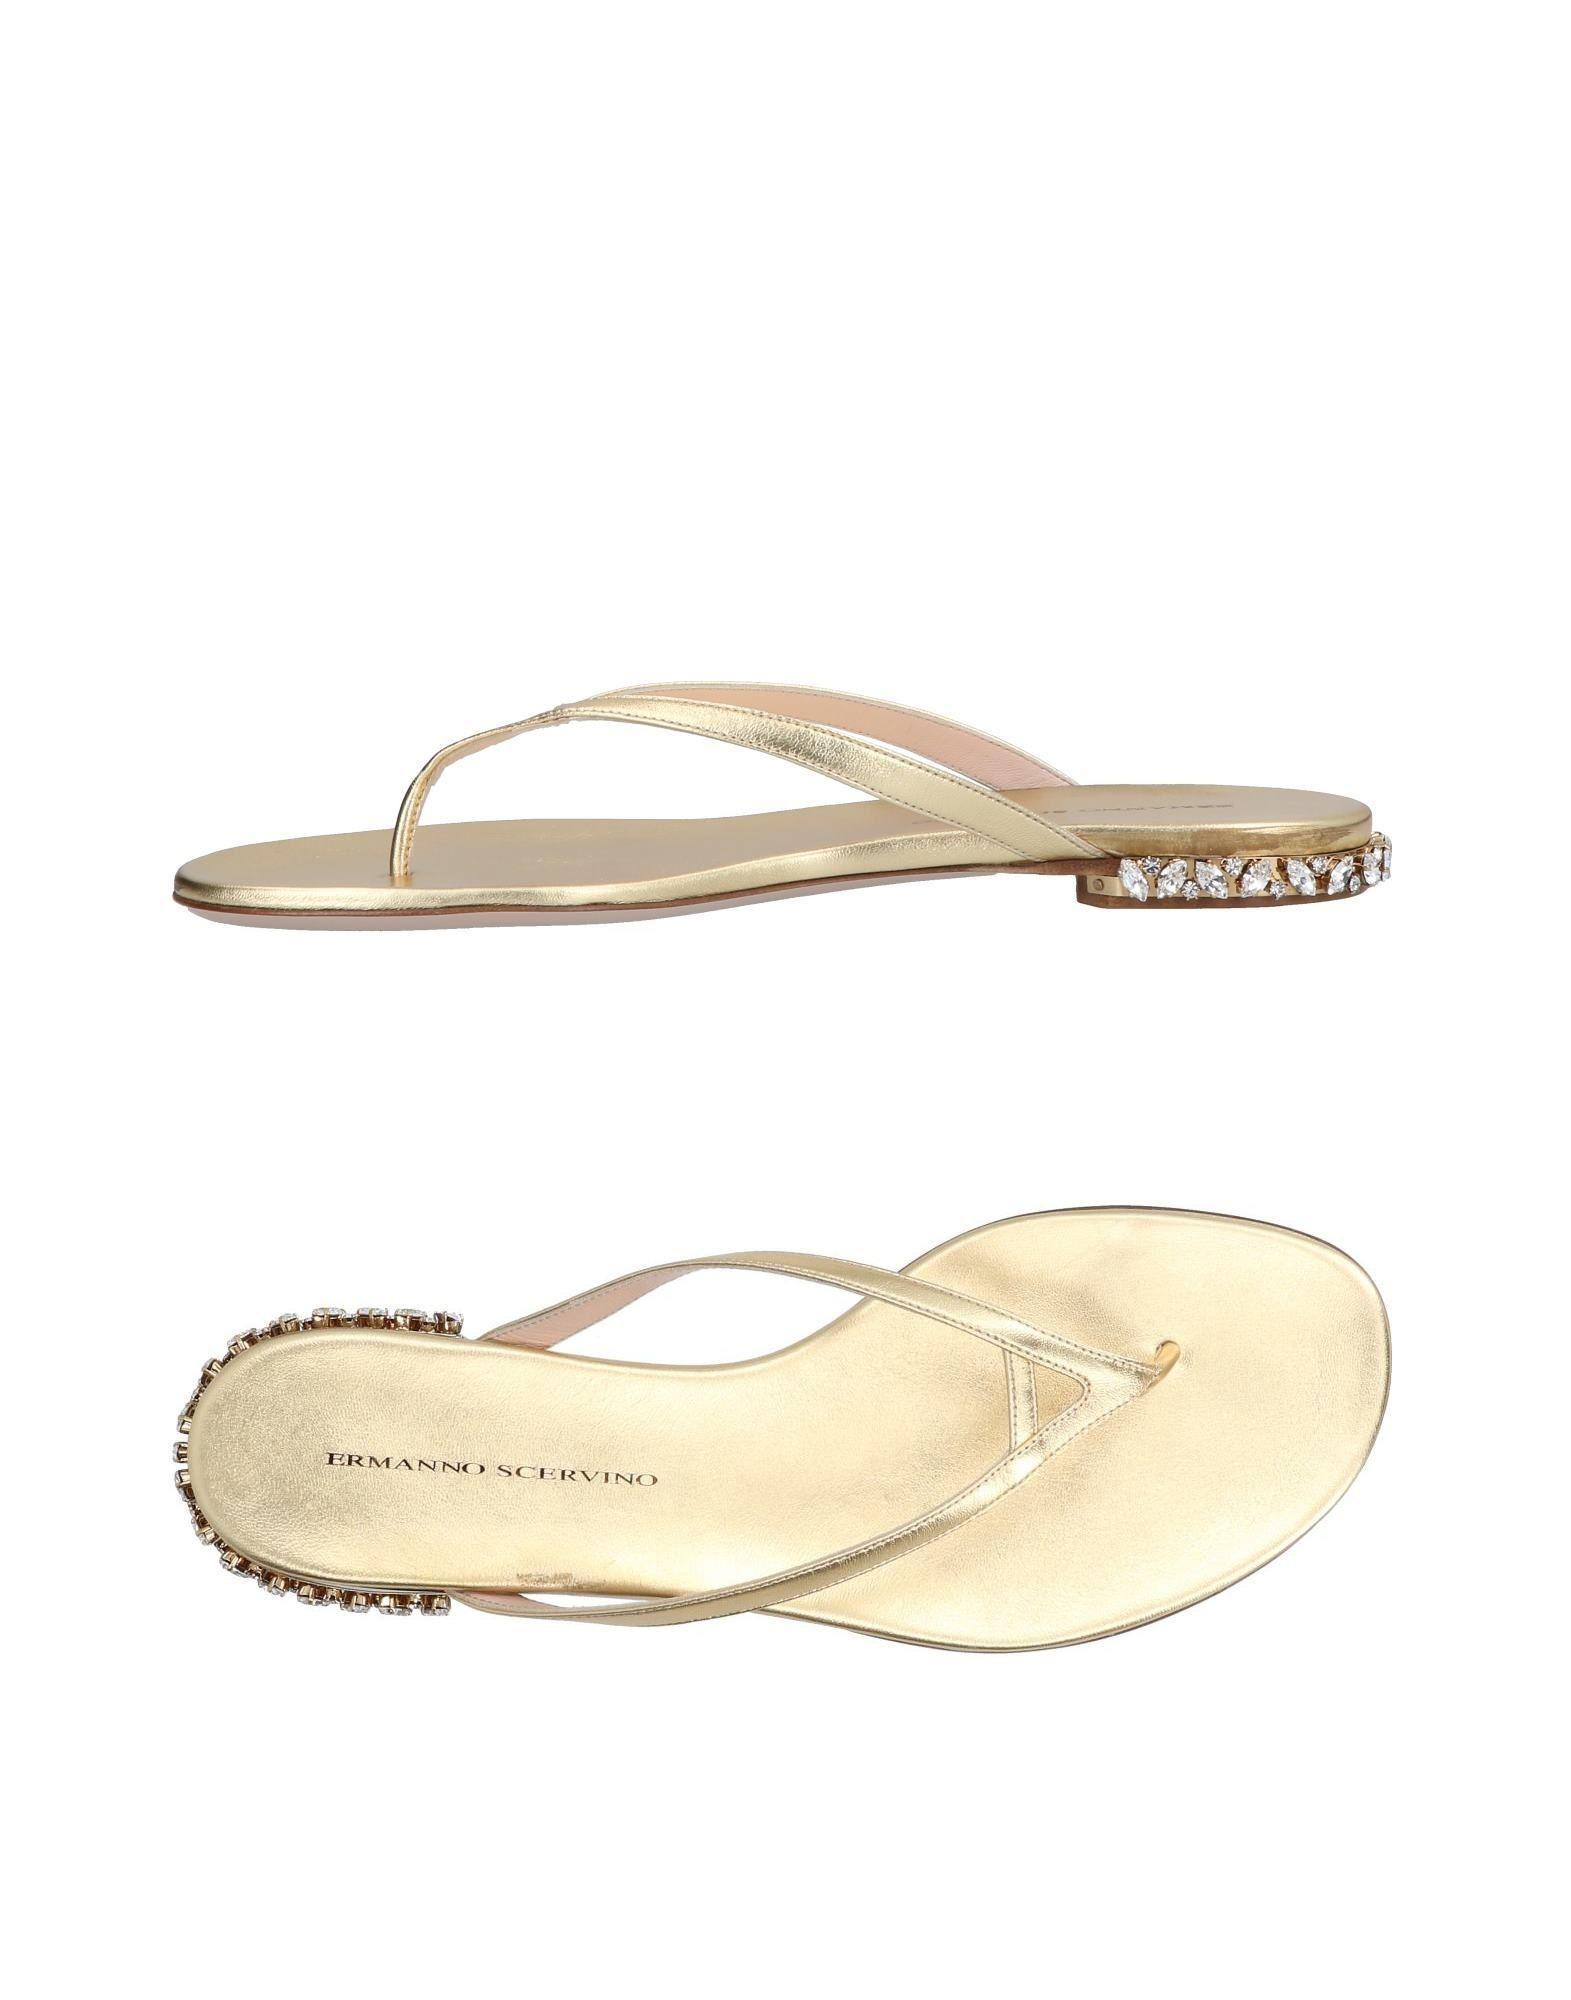 Chaussures - Sandales Entredoigt Ermanno De Scervino yzrJL6S